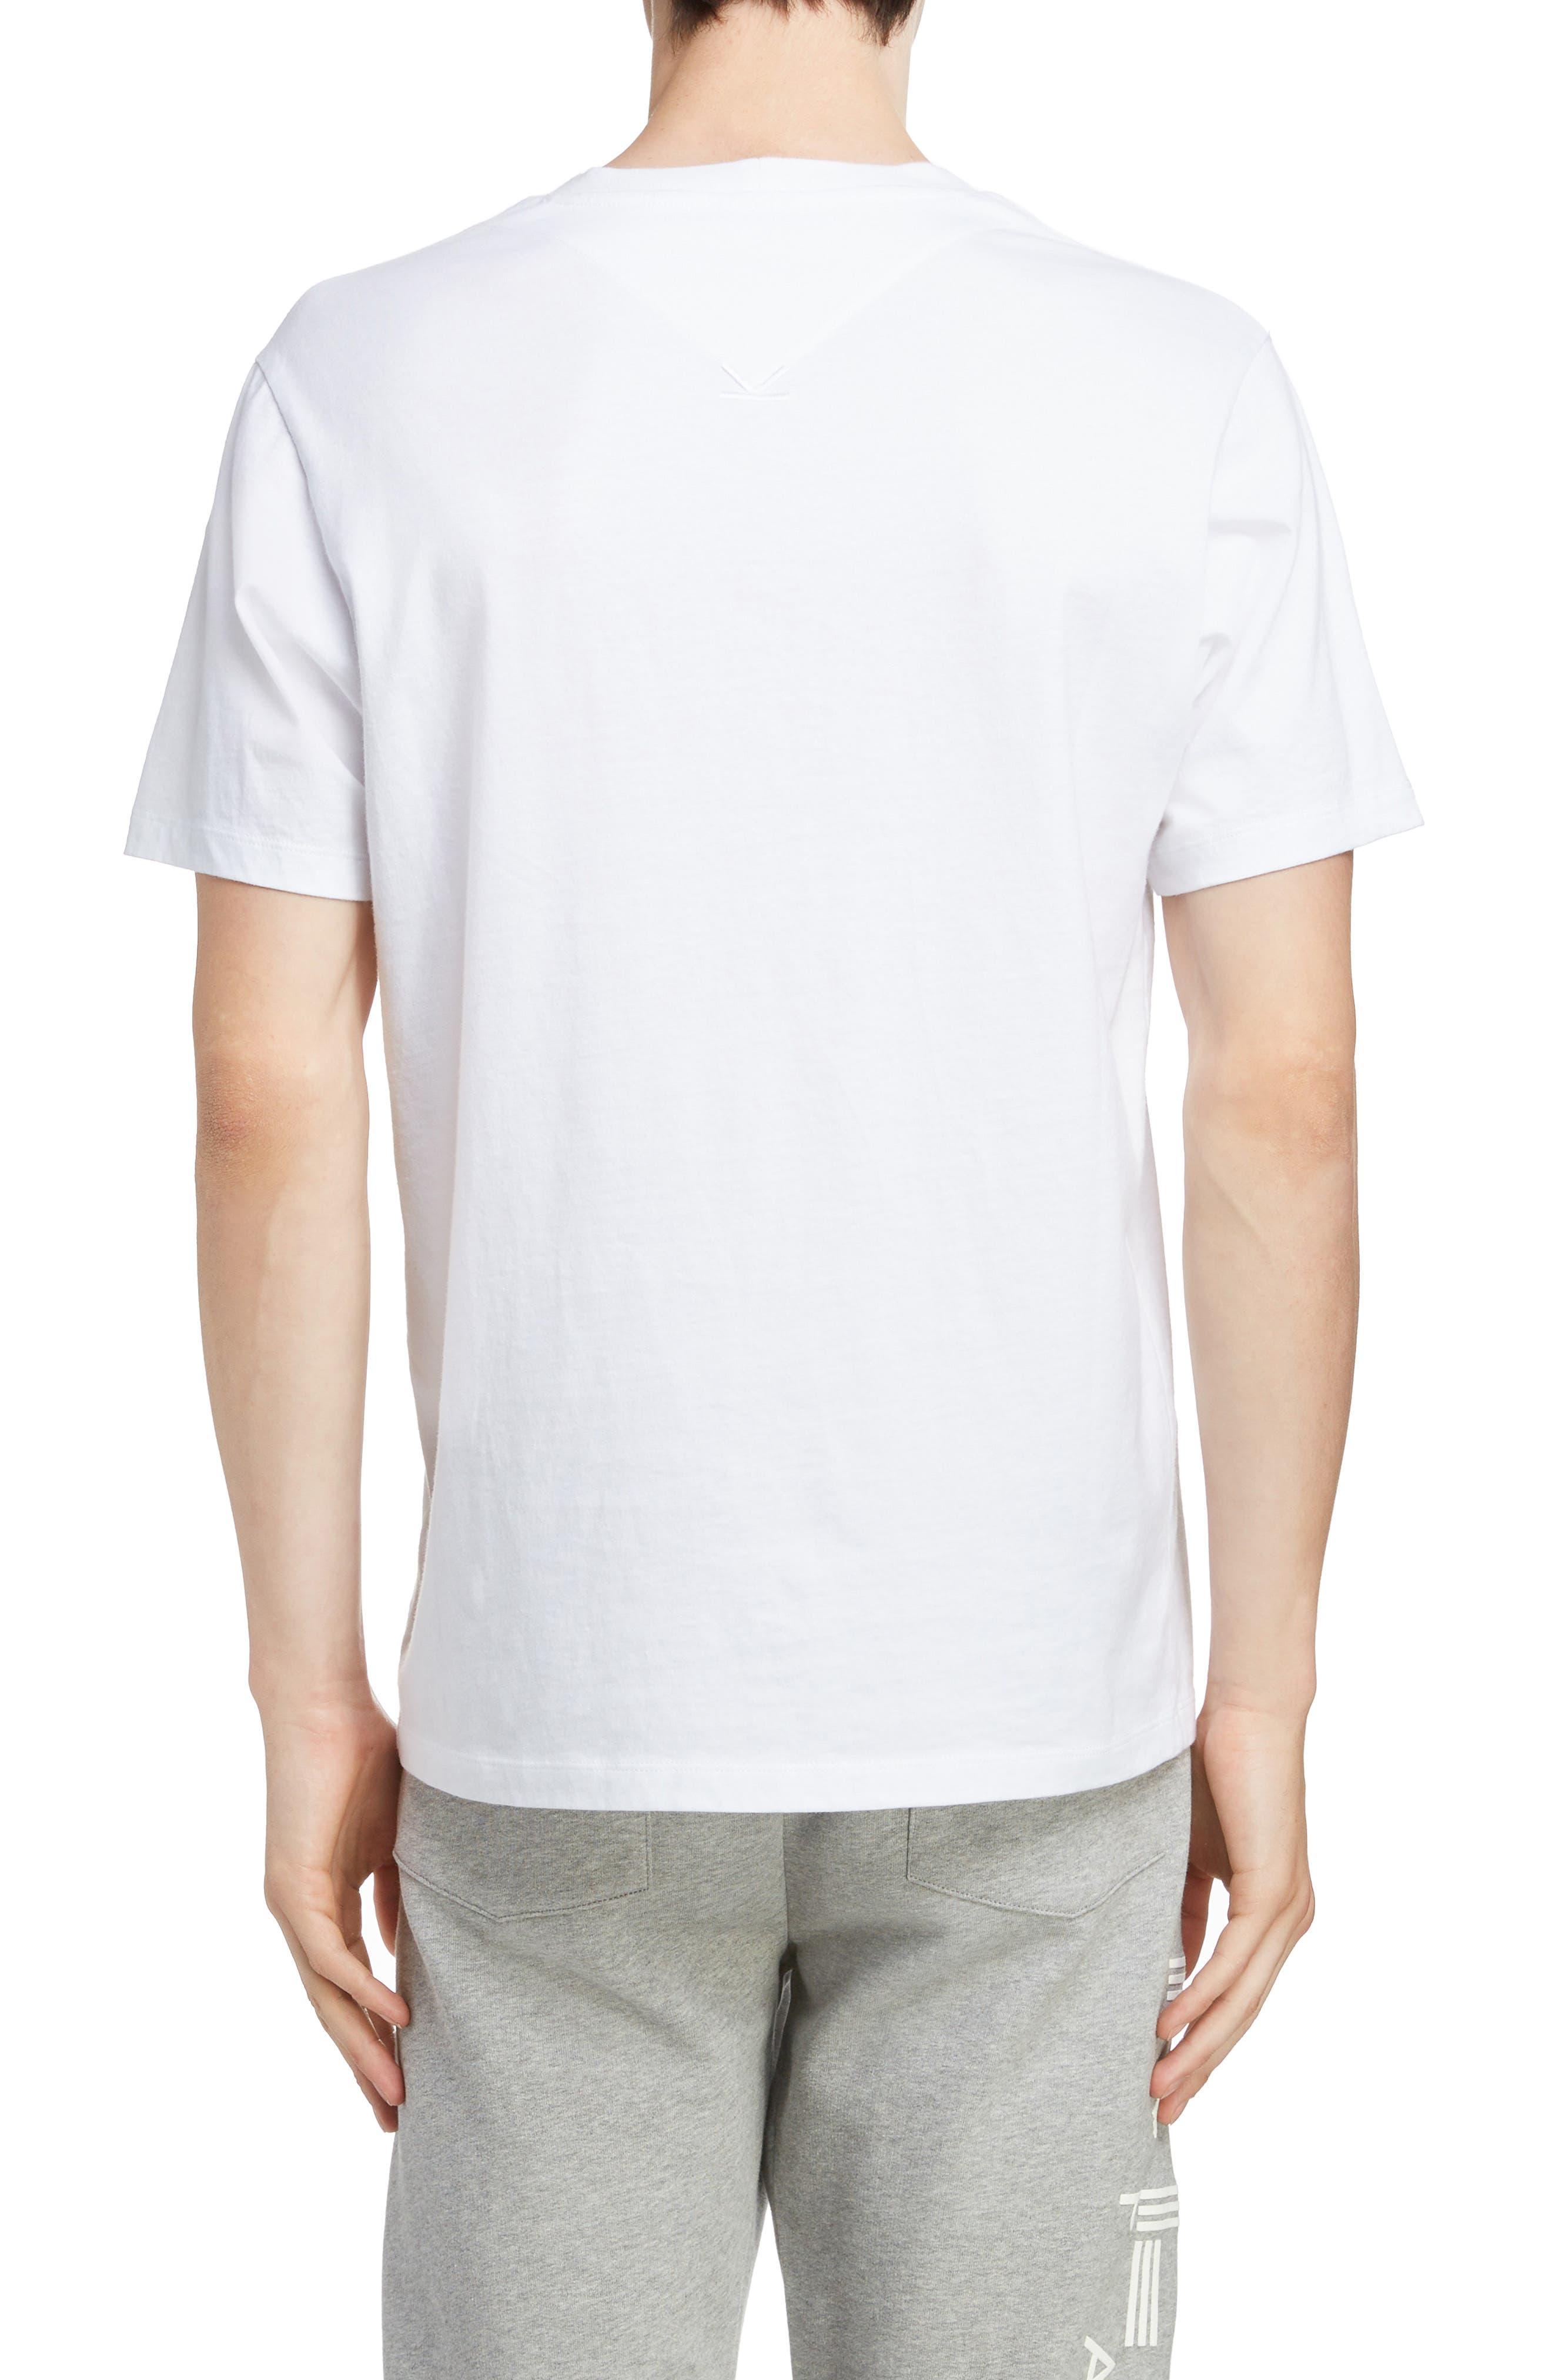 KENZO,                             Classic Fit Logo T-Shirt,                             Alternate thumbnail 2, color,                             WHITE